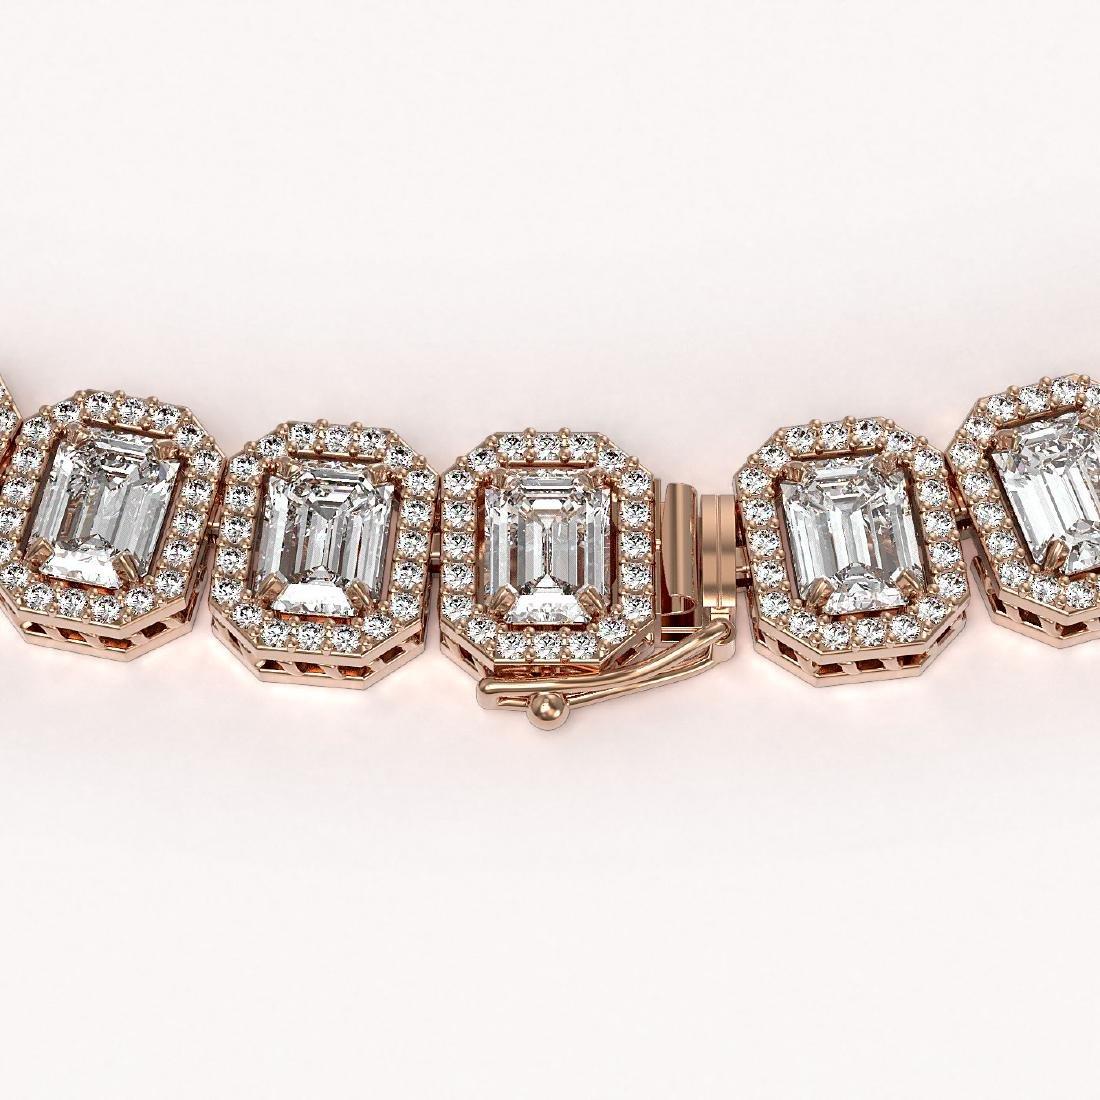 47.12 CTW Emerald Cut Diamond Designer Necklace 18K - 2